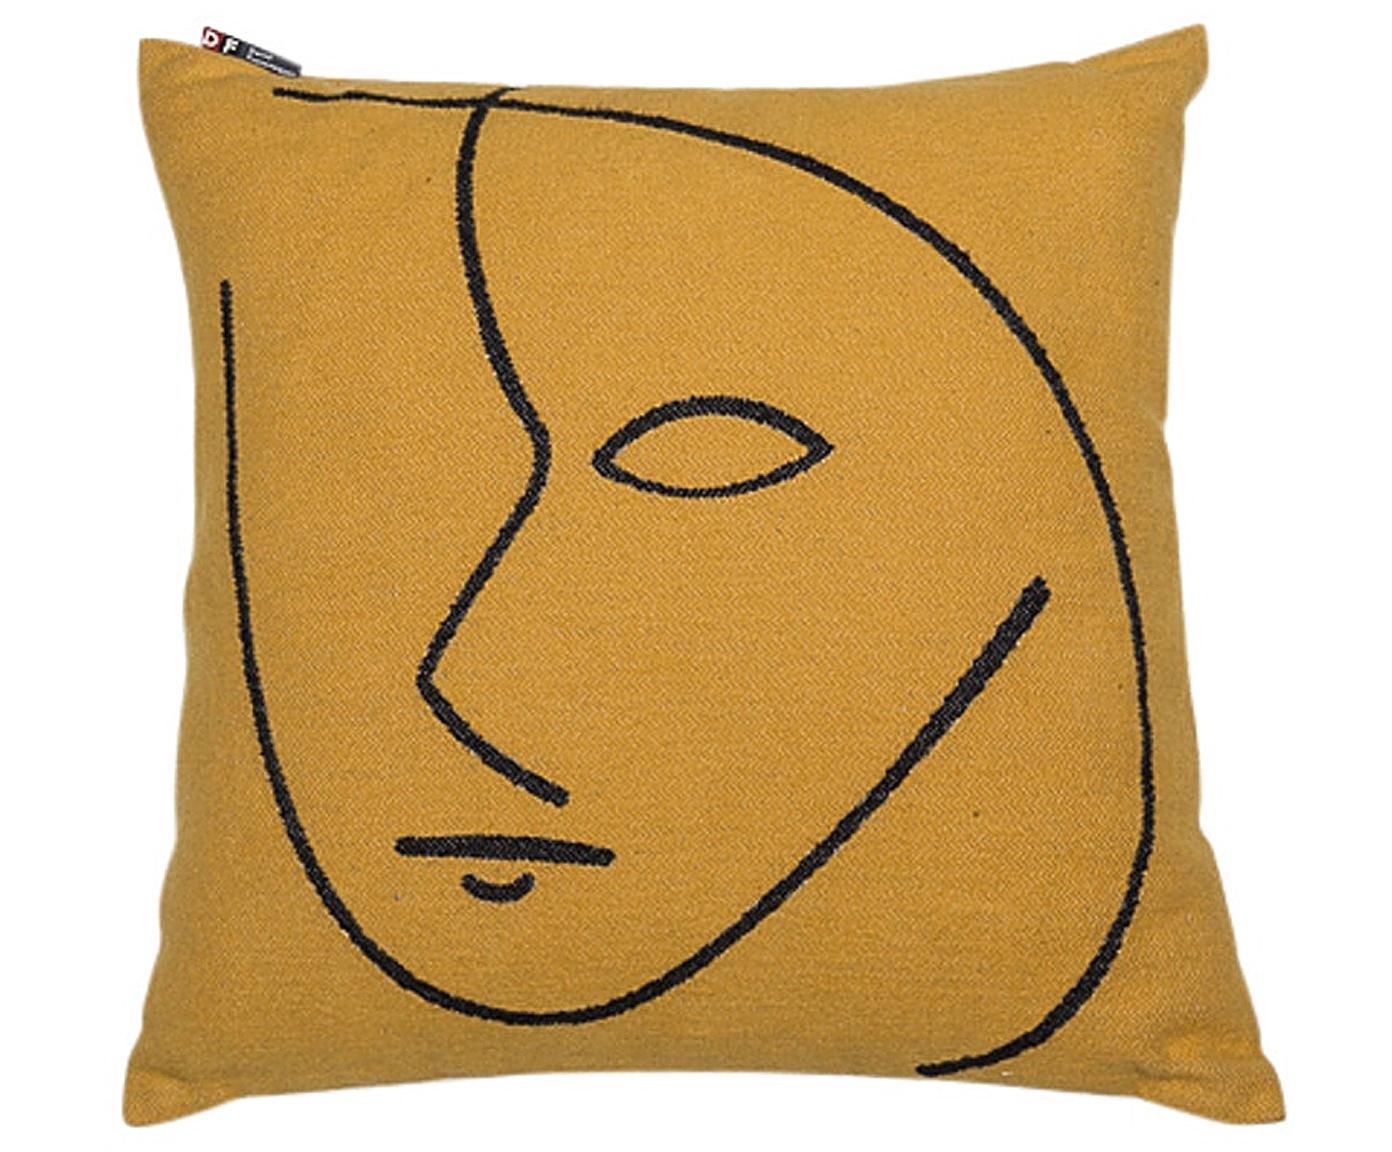 Kissen Nova Face mit abstracktem Print, mit Inlett, Bezug: 85% Baumwolle, 8% Viskose, Gelb, Schwarz, 50 x 50 cm